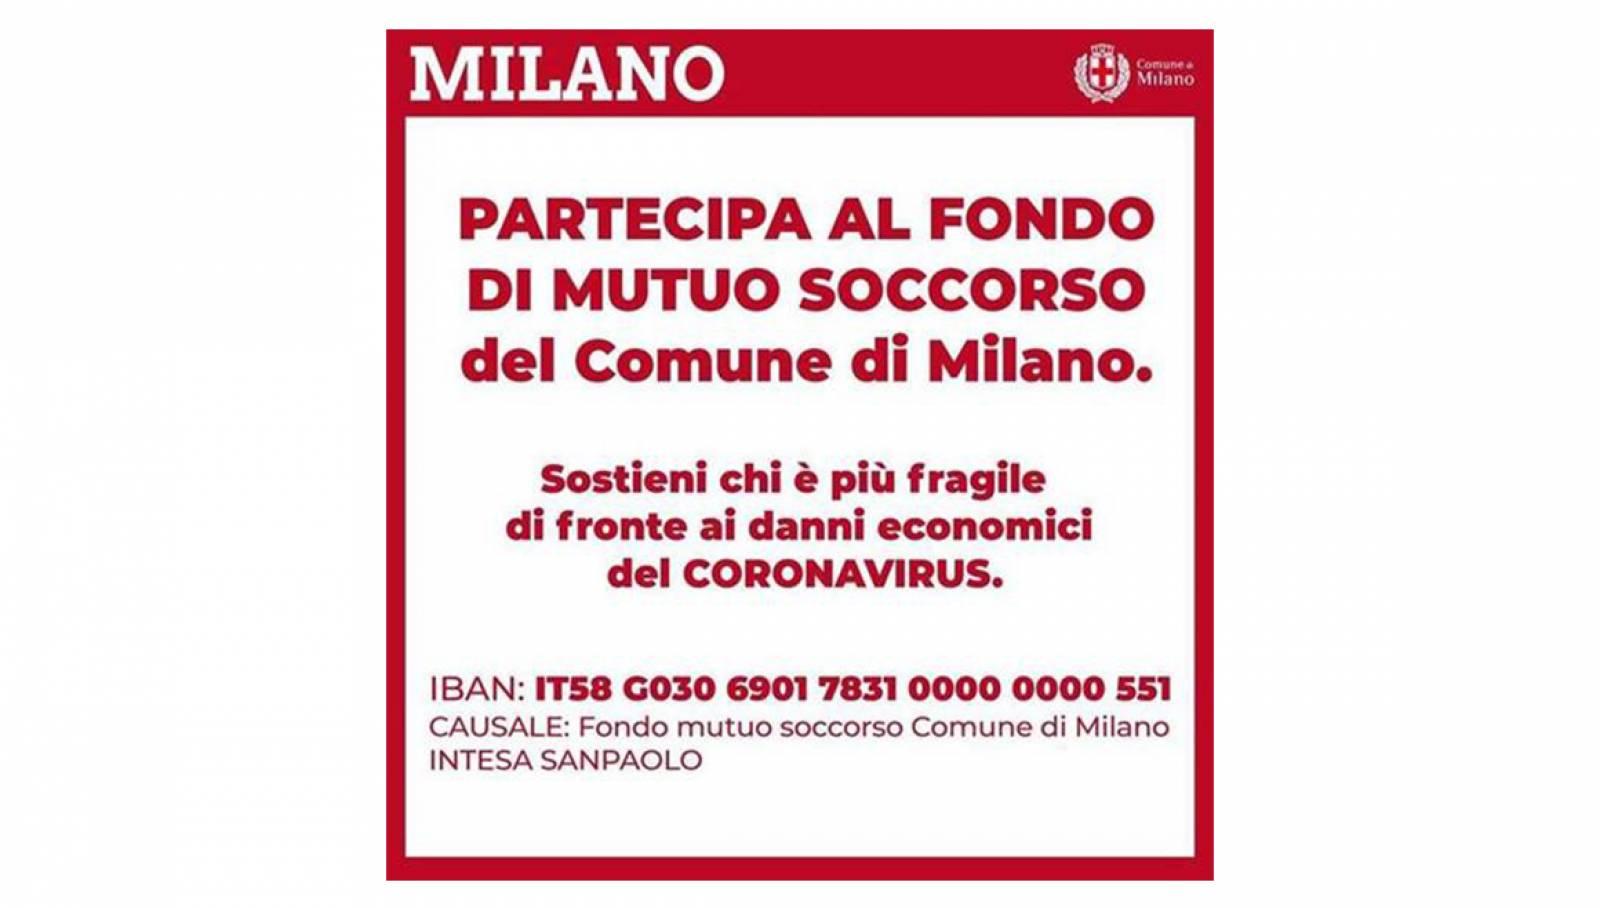 Raccolta di mutuo soccorso Comune di Milano